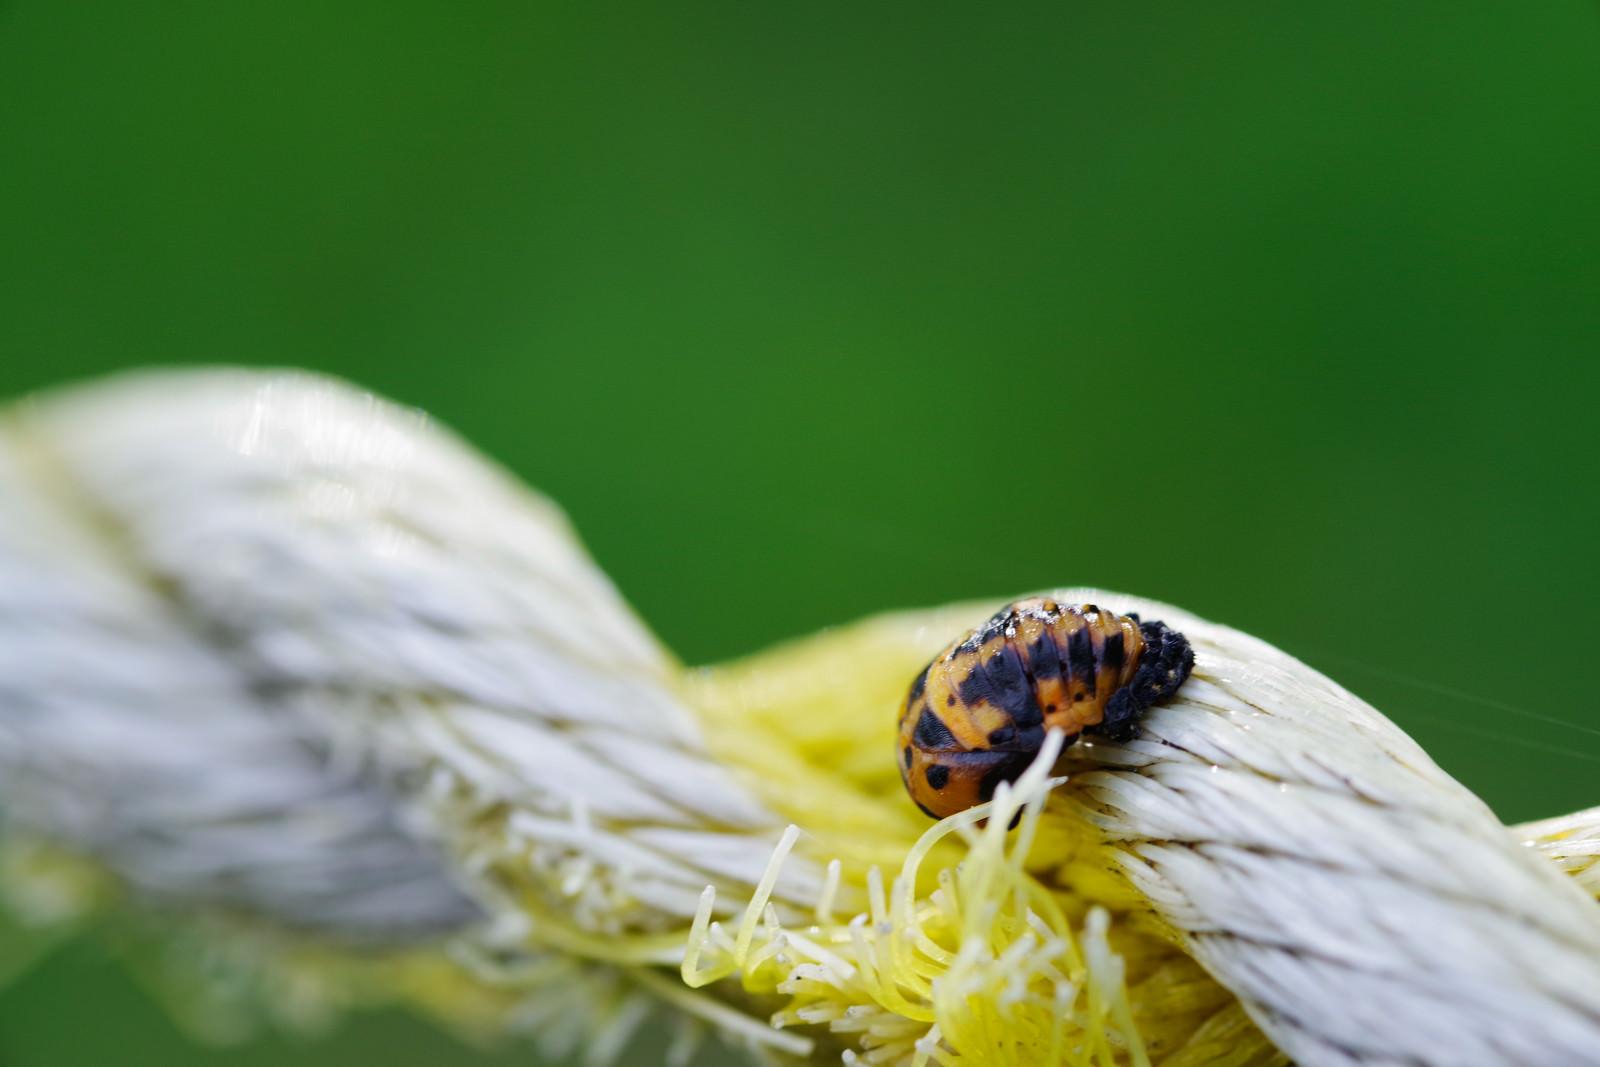 「ロープをわたる黒い斑点のてんとう虫」の写真